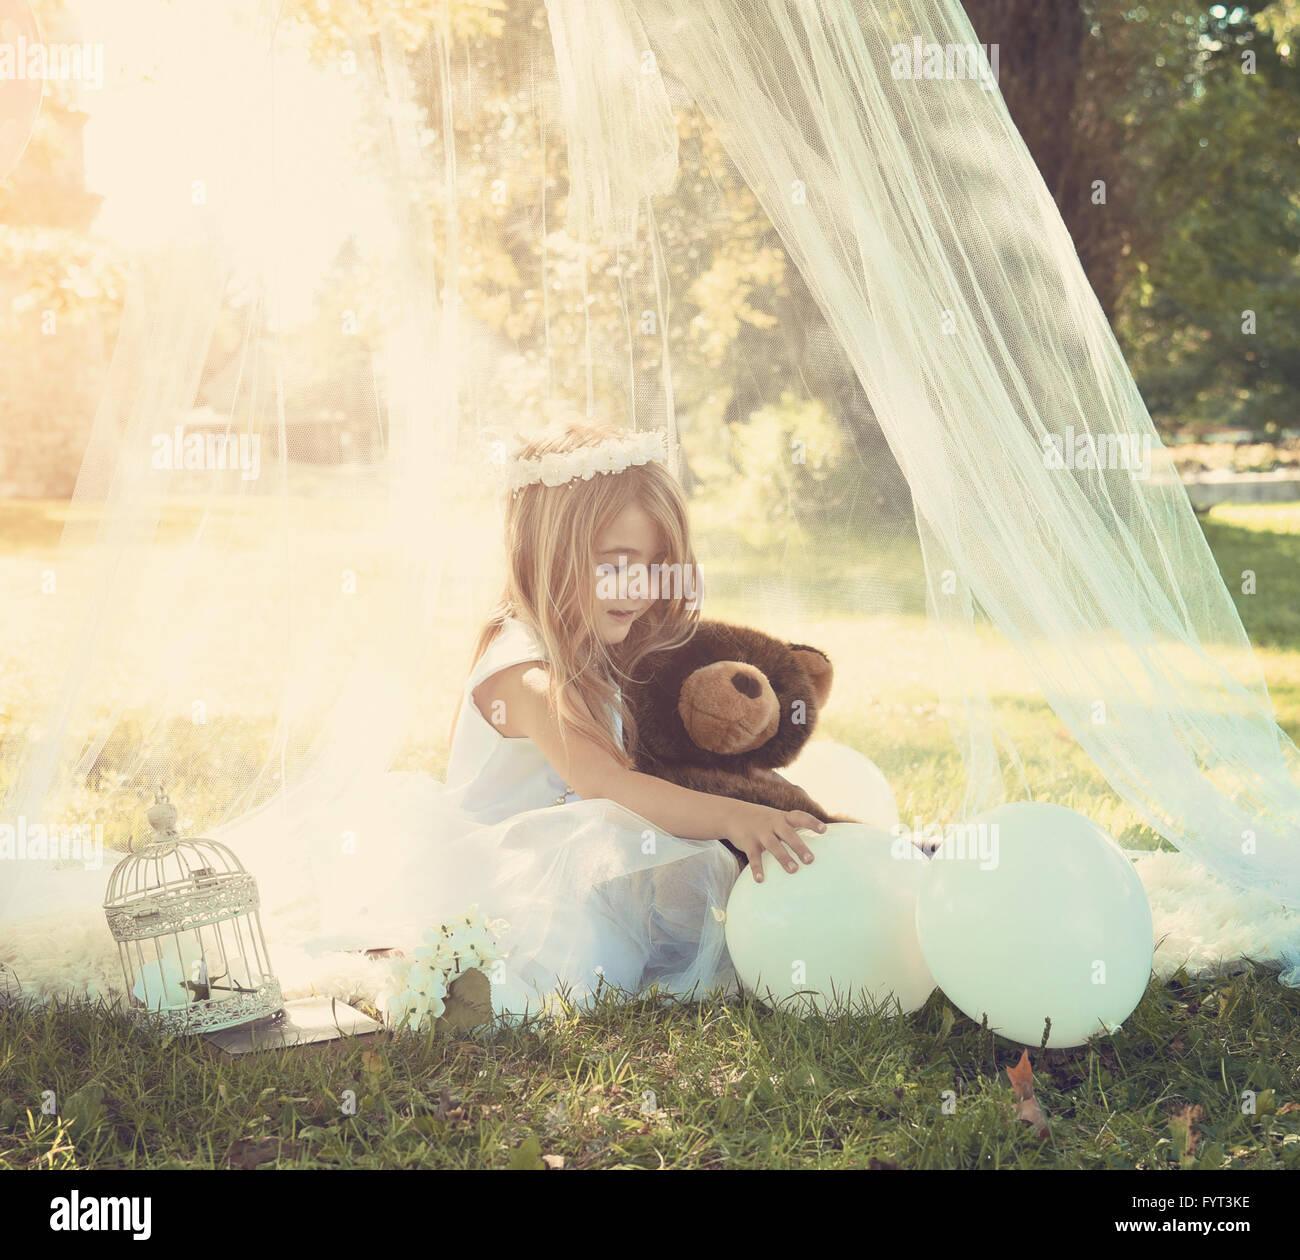 Une belle jeune fille joue avec des ballons dans une robe blanche à l'extérieur sous un auvent avec Photo Stock